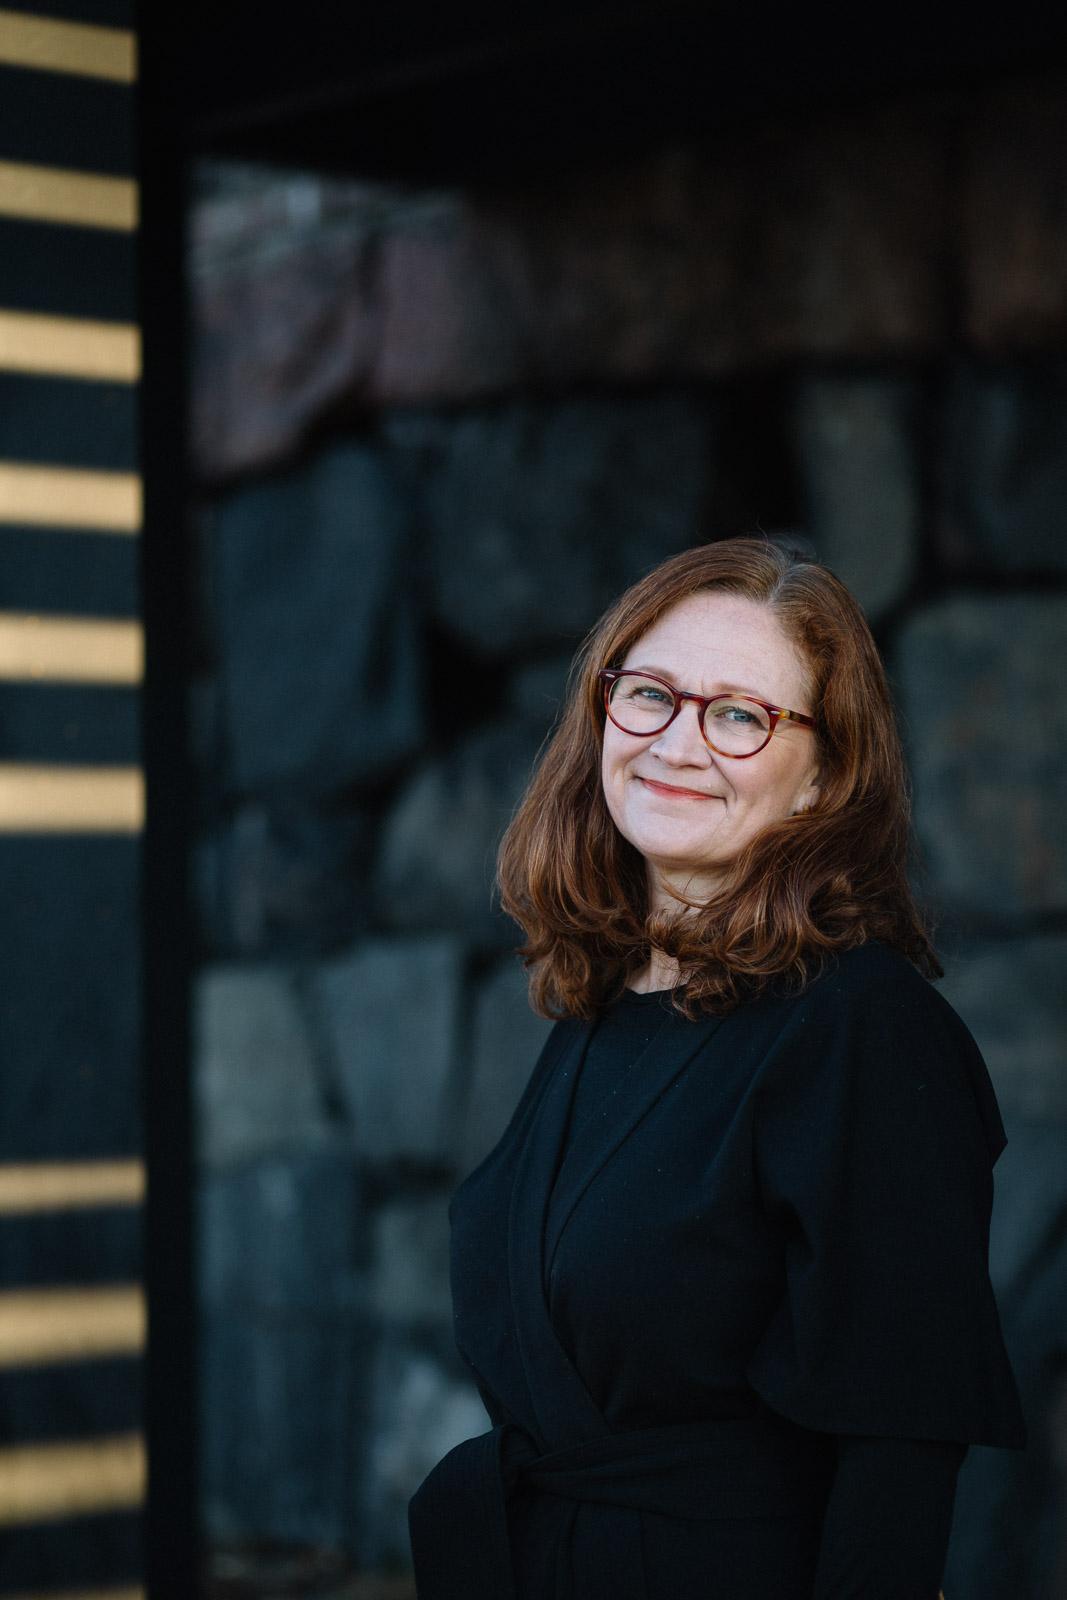 Muotokuvaus Katja Halgestam Helsingissä Valokuvaaja Studio Metsä